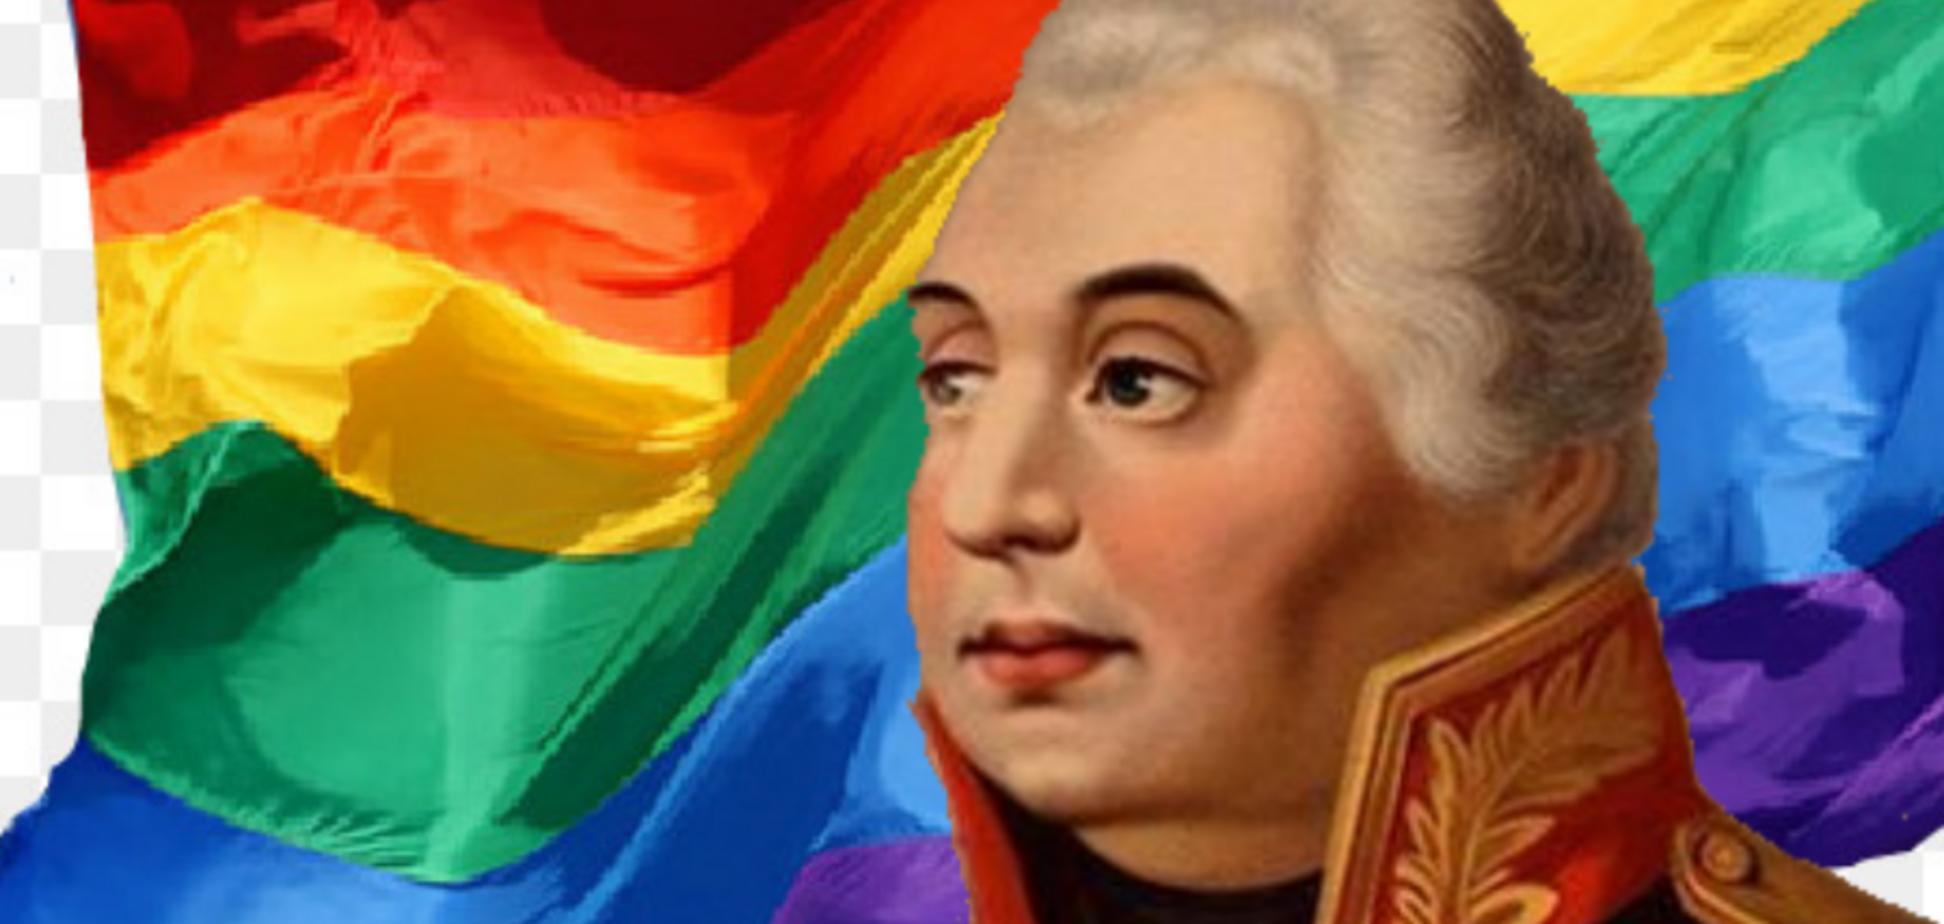 Однорукий гей-Кутузов: назван портрет идеального президента Украины